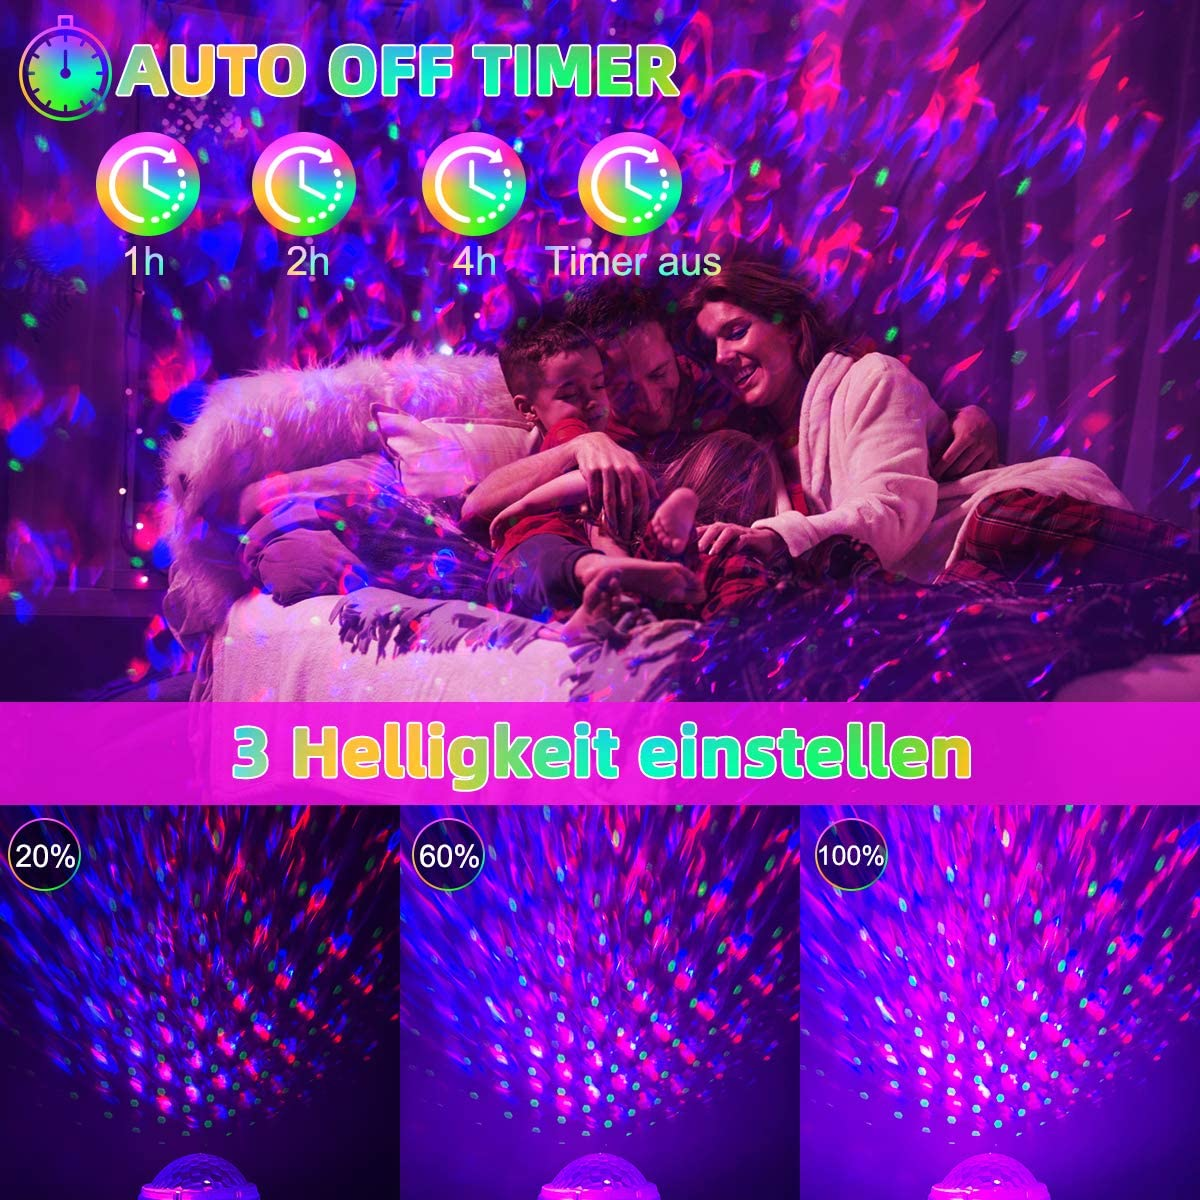 Lampada Proiettore Stelle sala da ballo riunione timer e 8 suoni rilassanti della natura per festa di compleanno onde dacqua luci notturne lampada a stella con musica altoparlante bluetooth